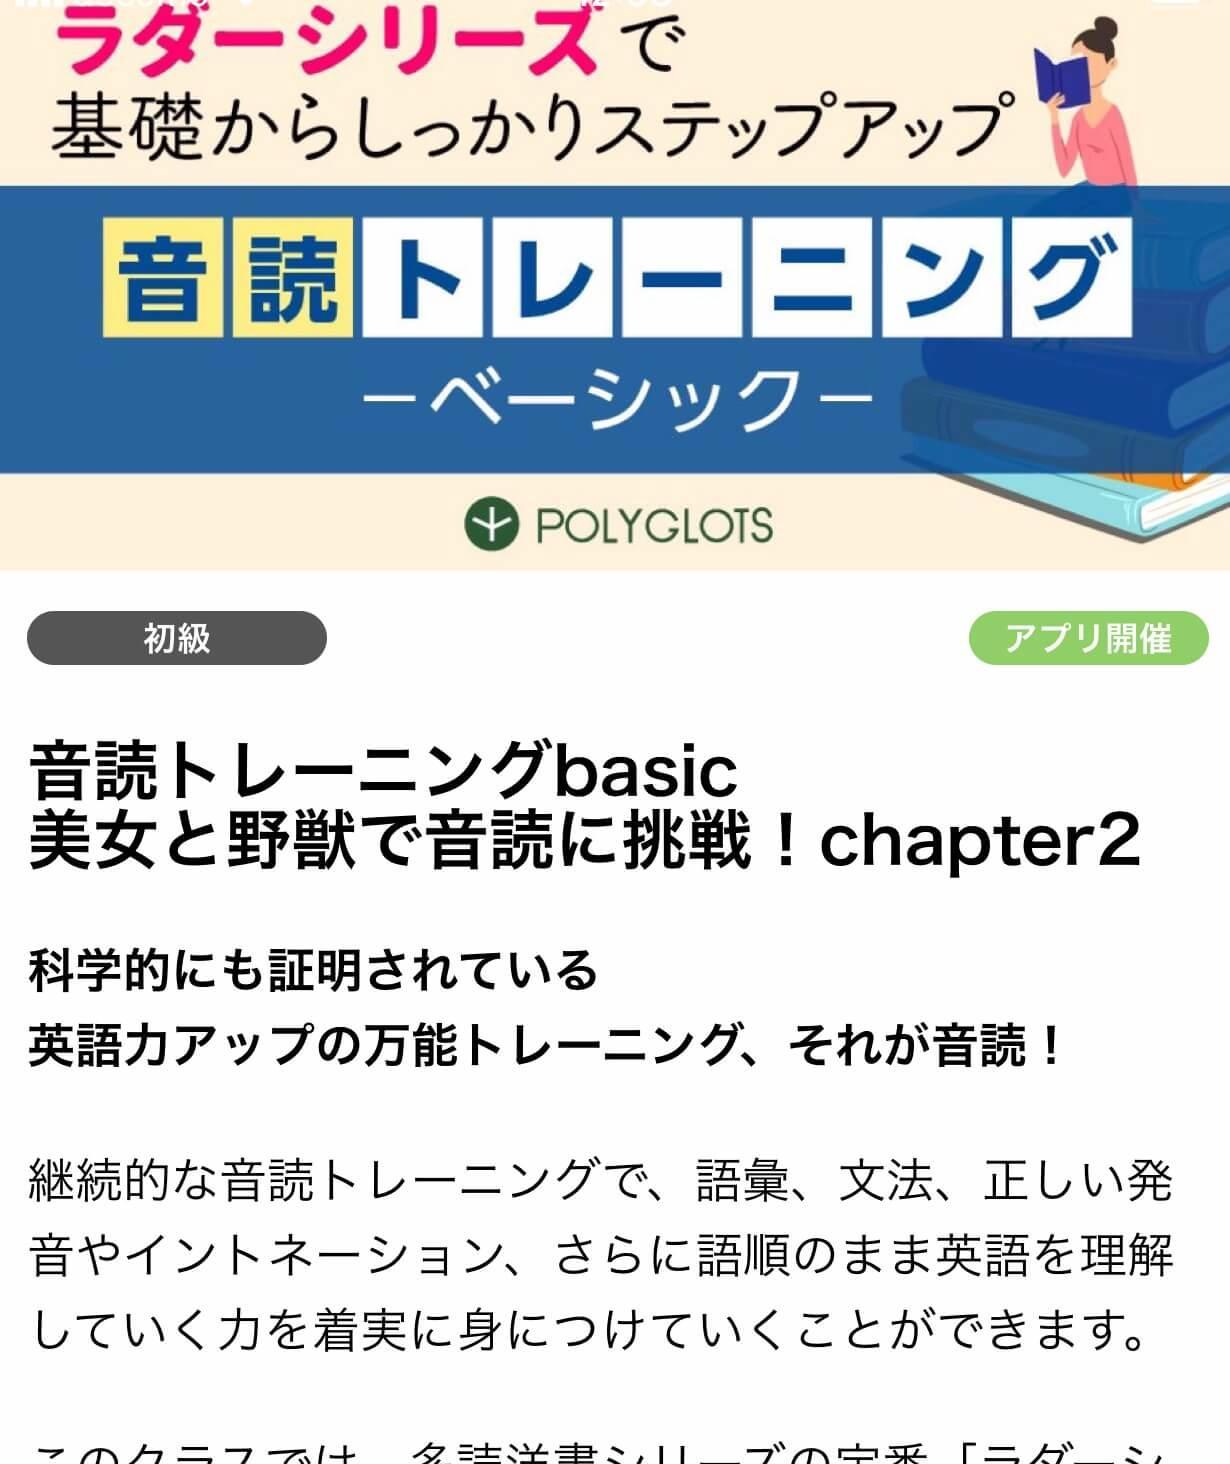 yoyaku-3.jpg